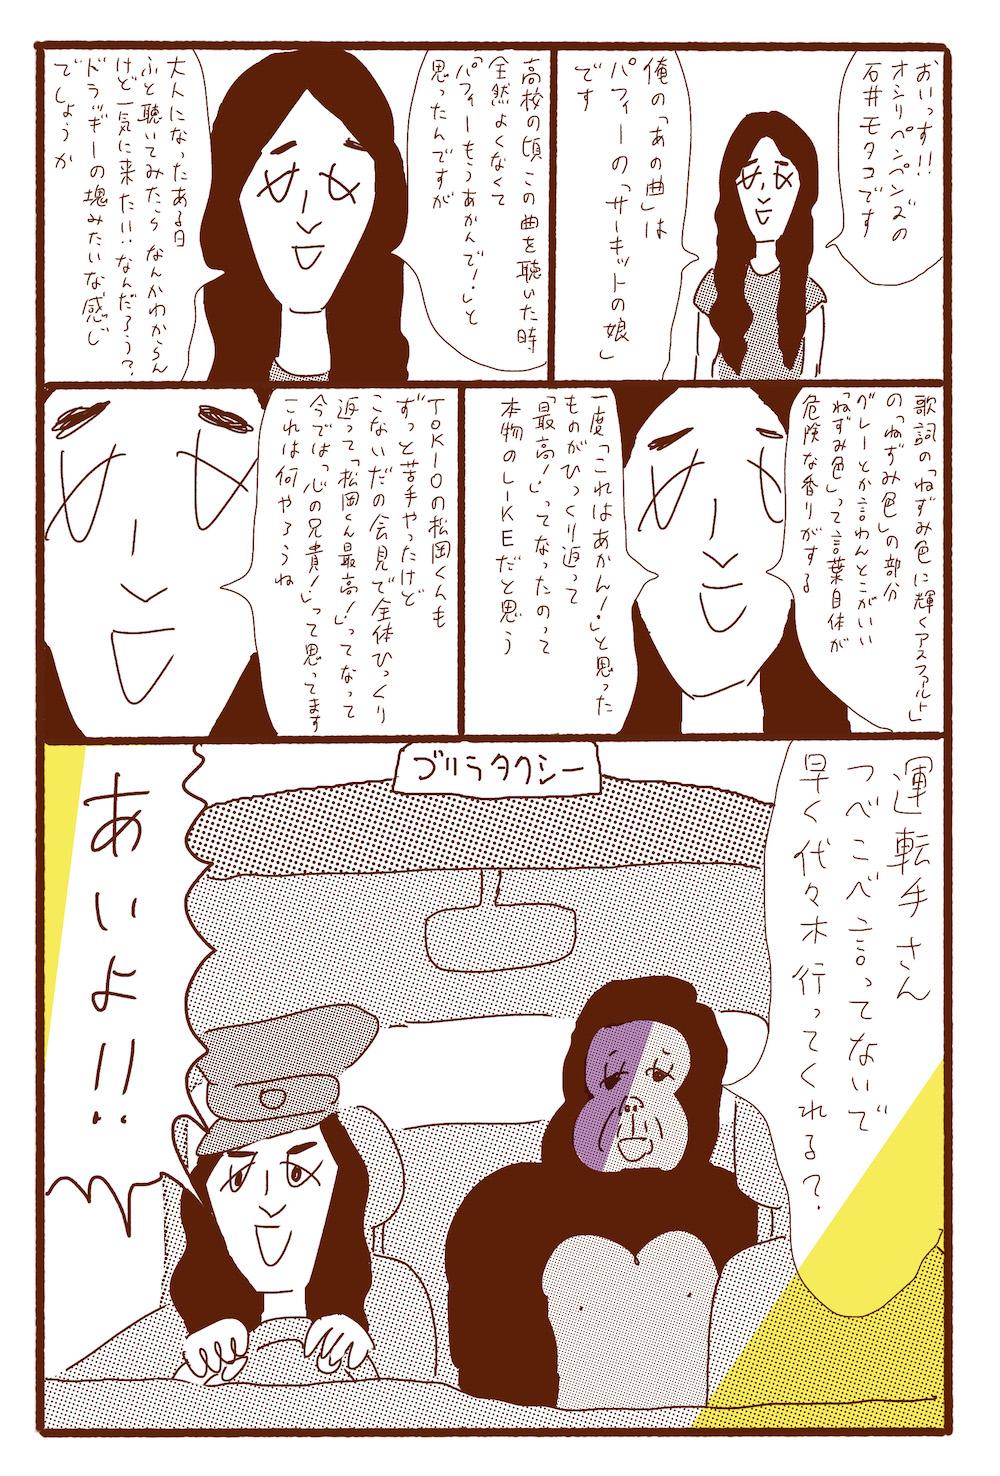 大橋裕之 オシリペンペンズ 石井モタコ